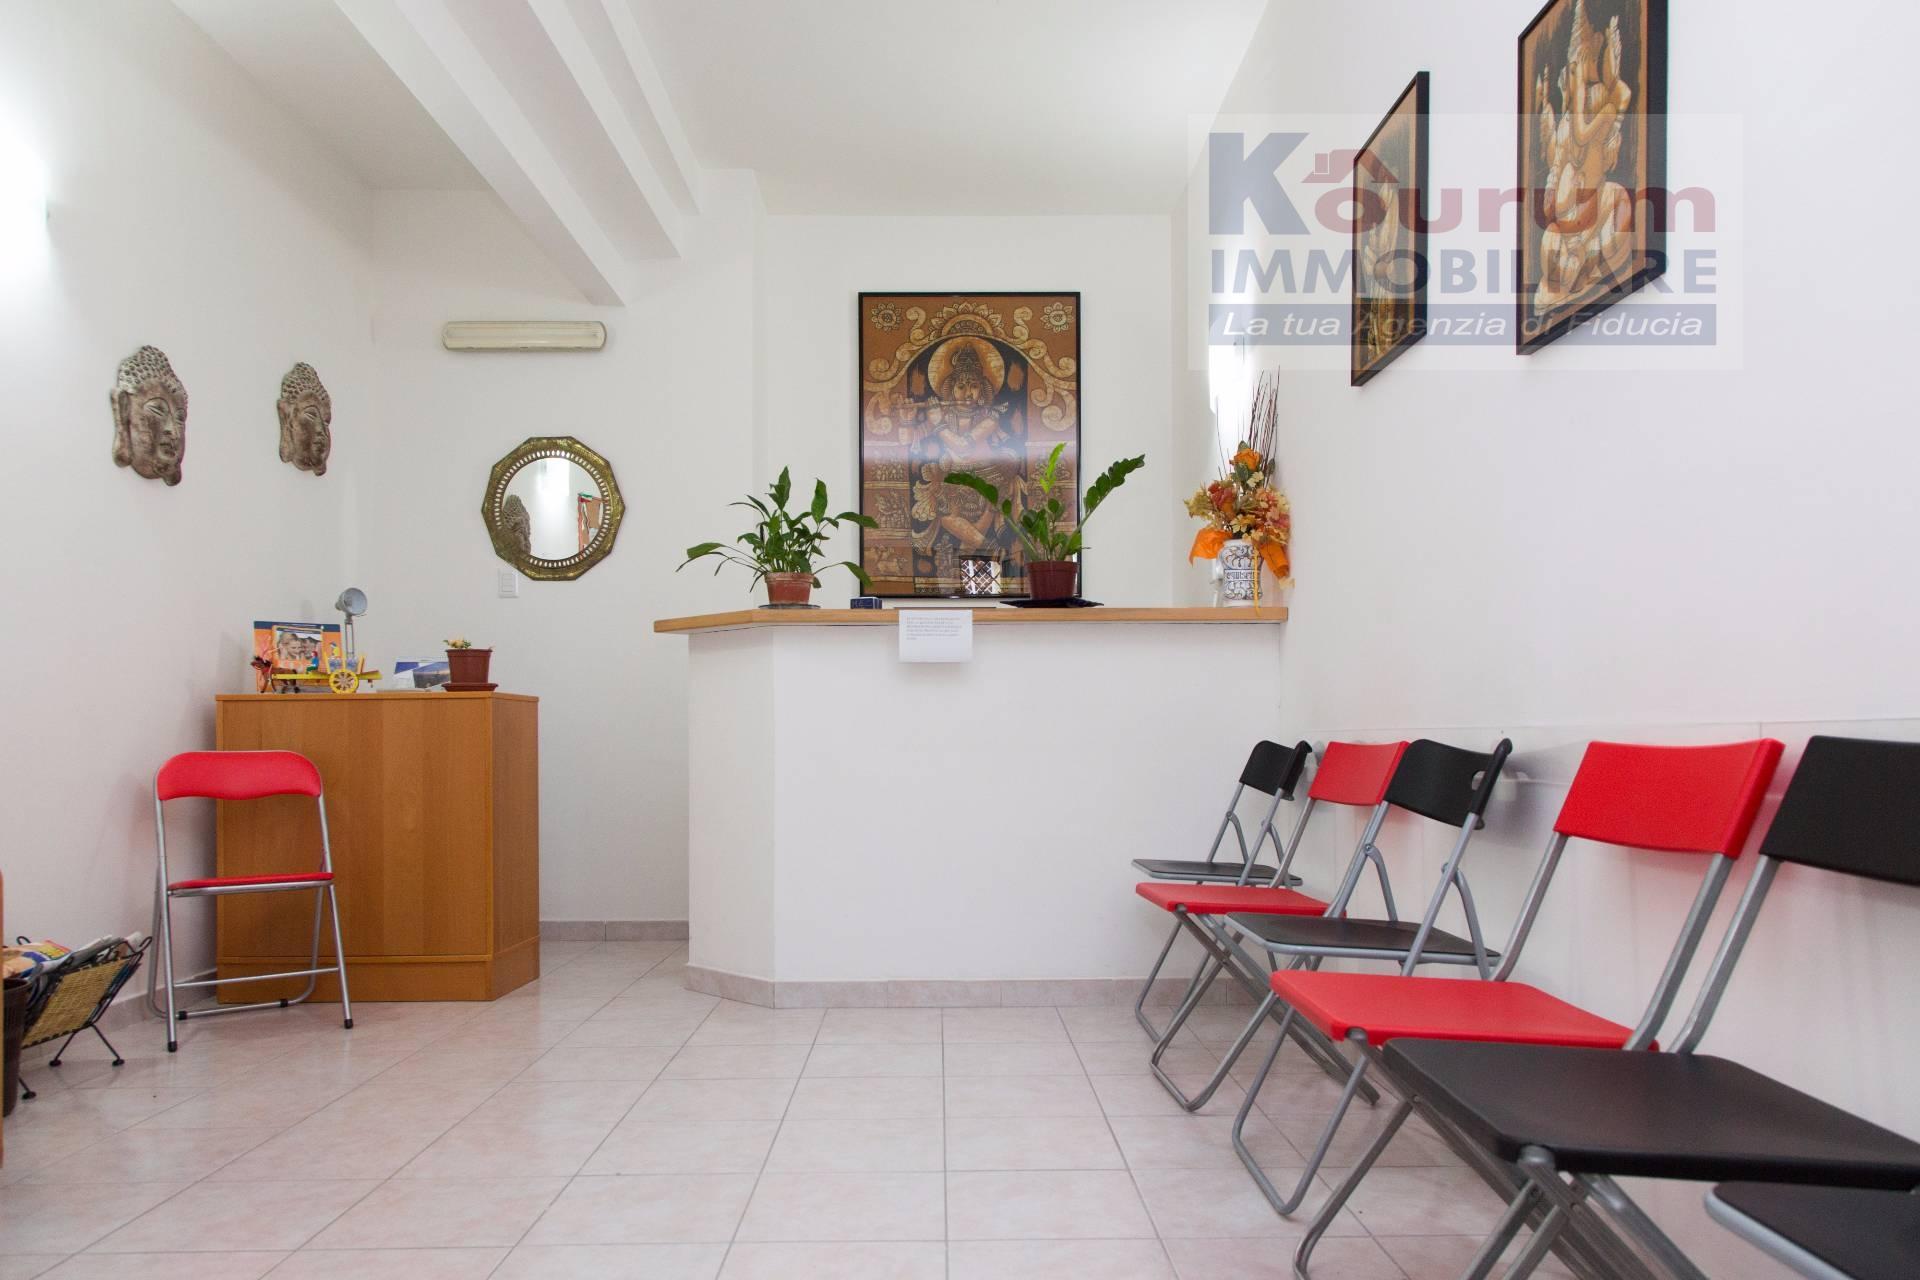 Appartamento in vendita a Ciampino, 3 locali, zona Località: MuradeiFrancesi, prezzo € 199.000 | CambioCasa.it